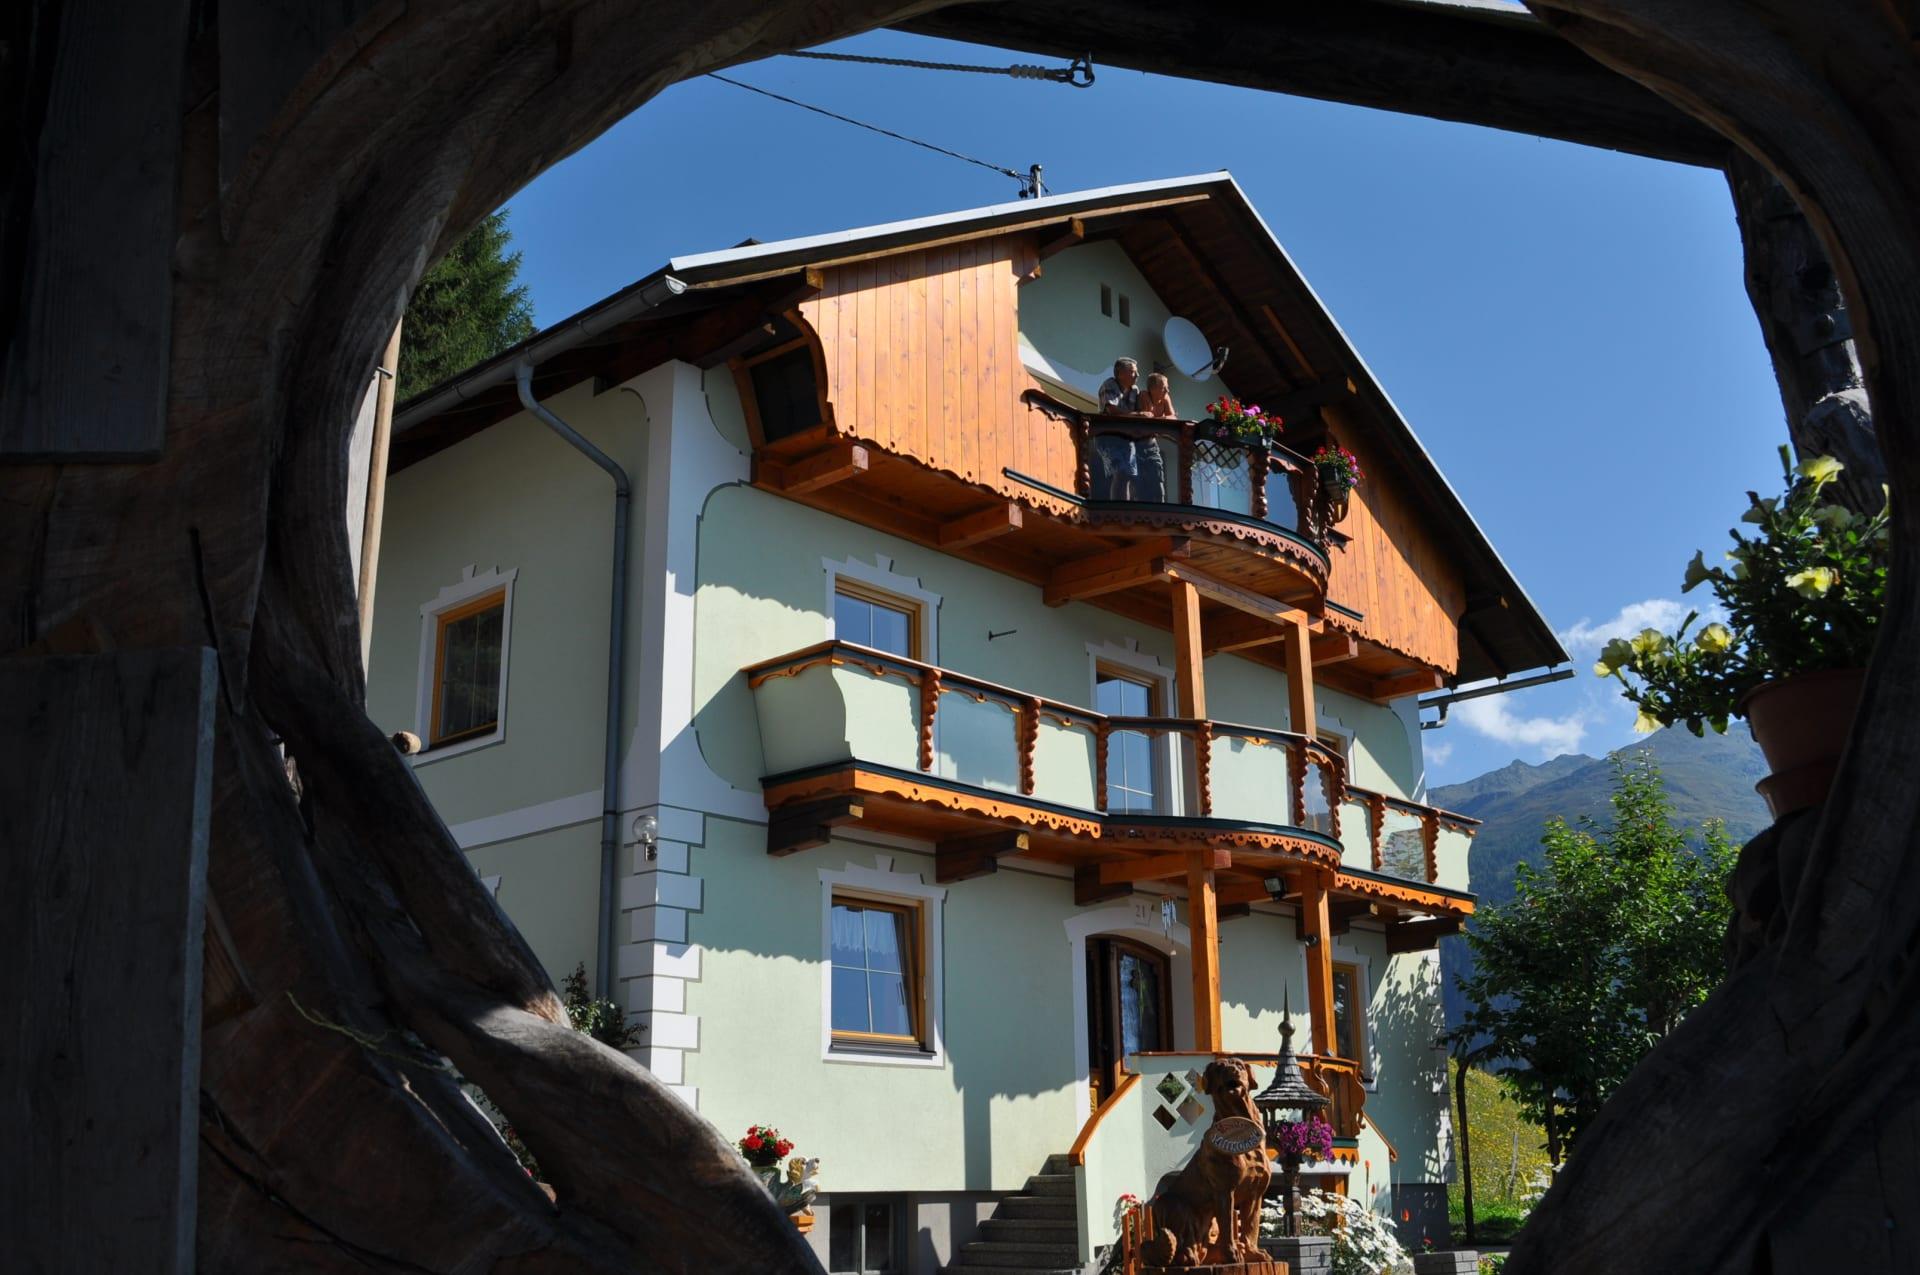 Ferienwohnung mit Panoramabalkon befindet sich im obersten Stock